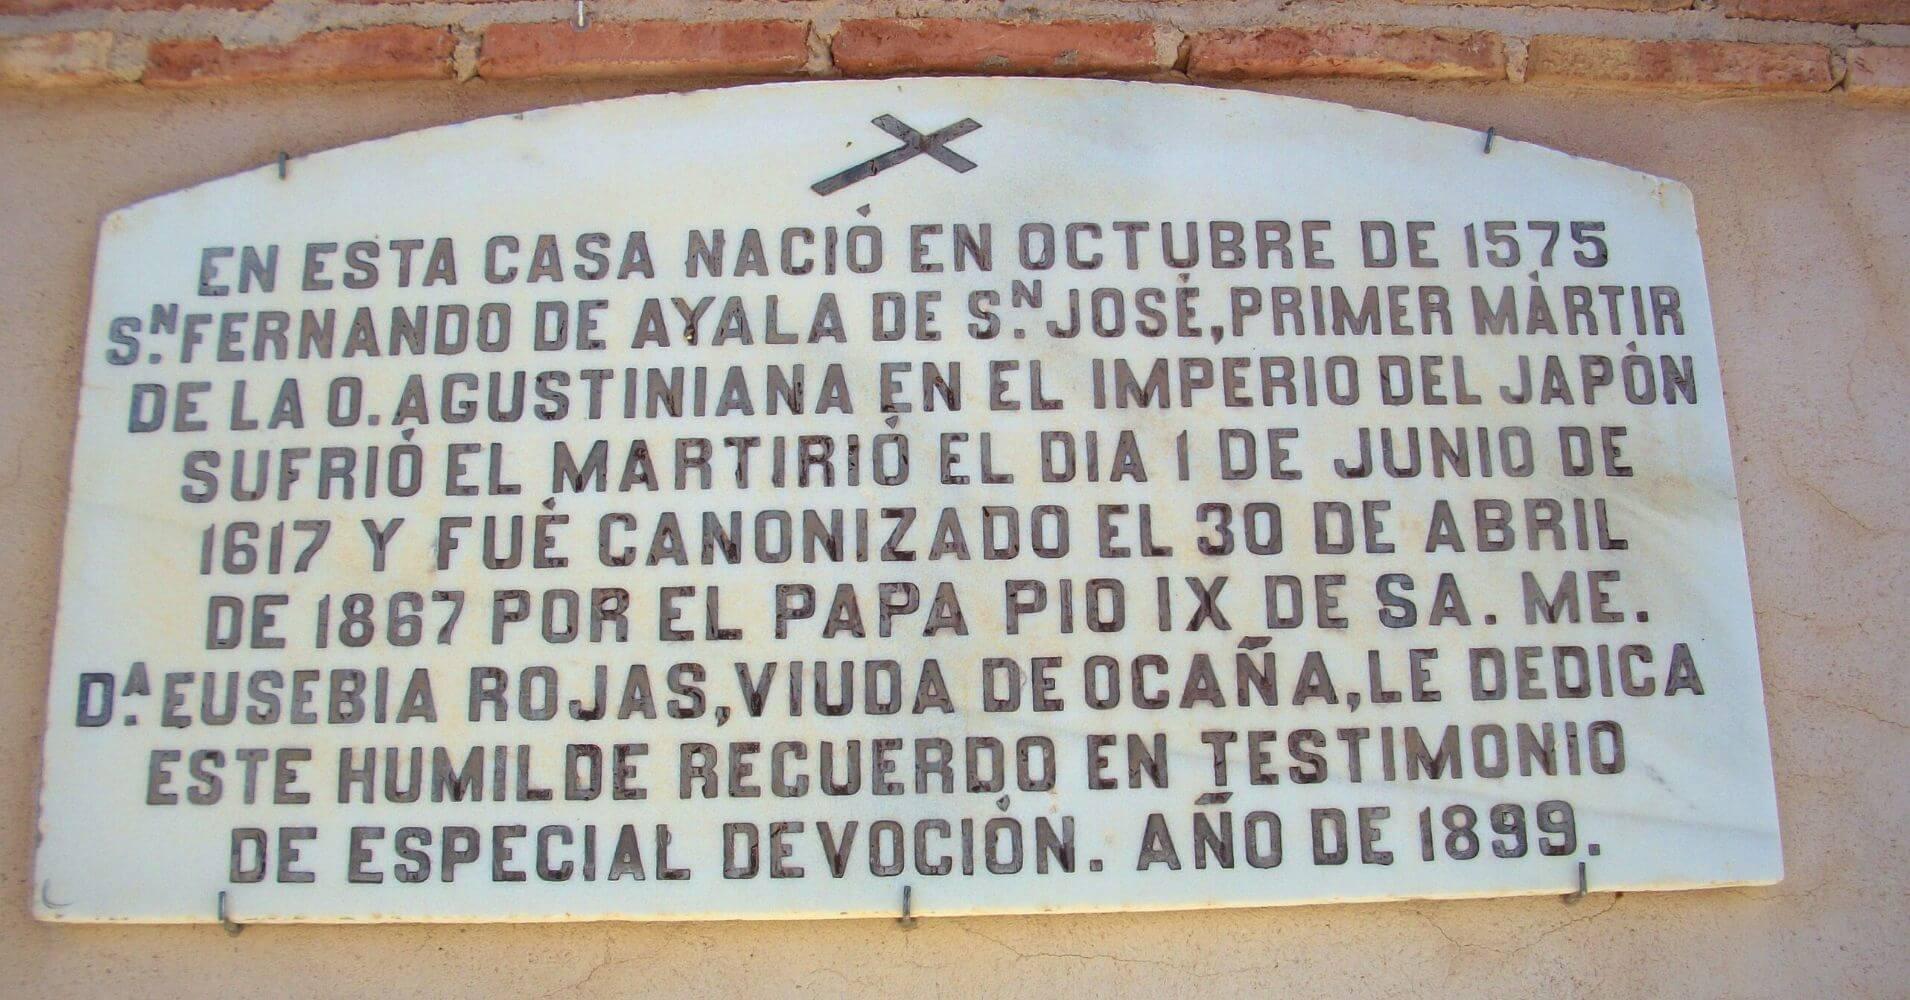 Fernando de Ayala. Ballesteros de Calatrava. Ciudad Real. Castilla la Mancha.